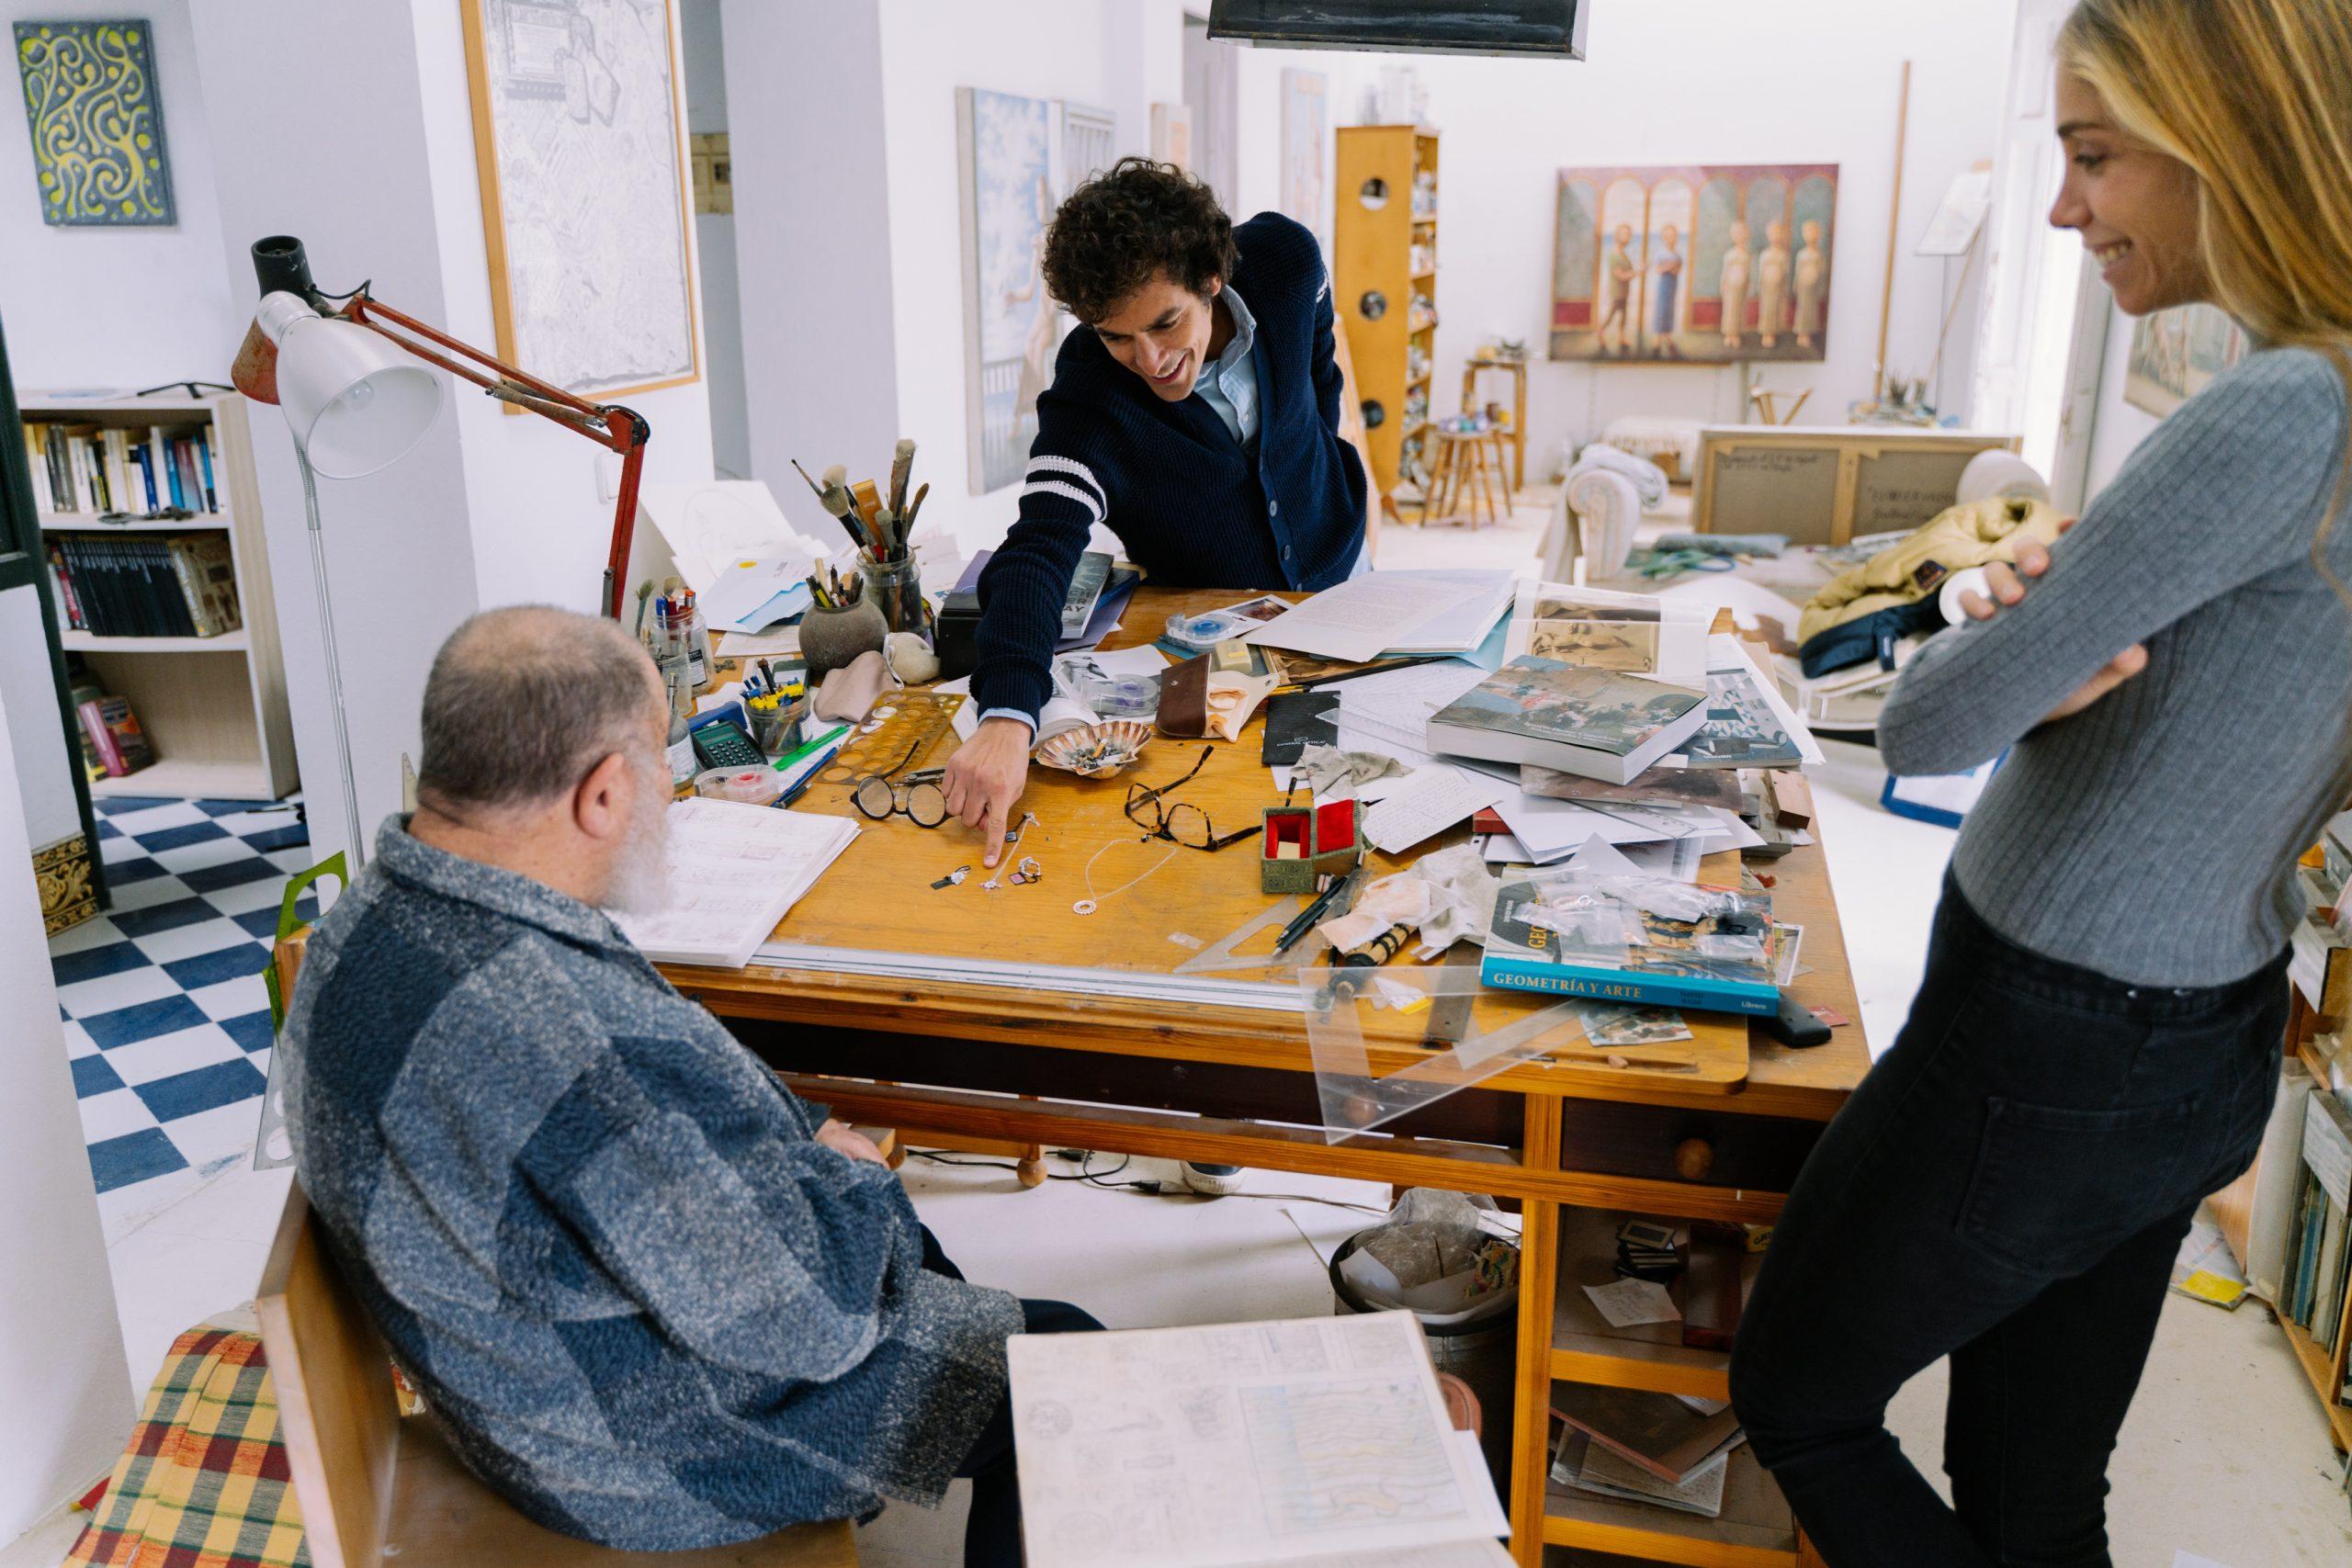 Gabriel Suarez con el artista en el taller /Foto: Suarez